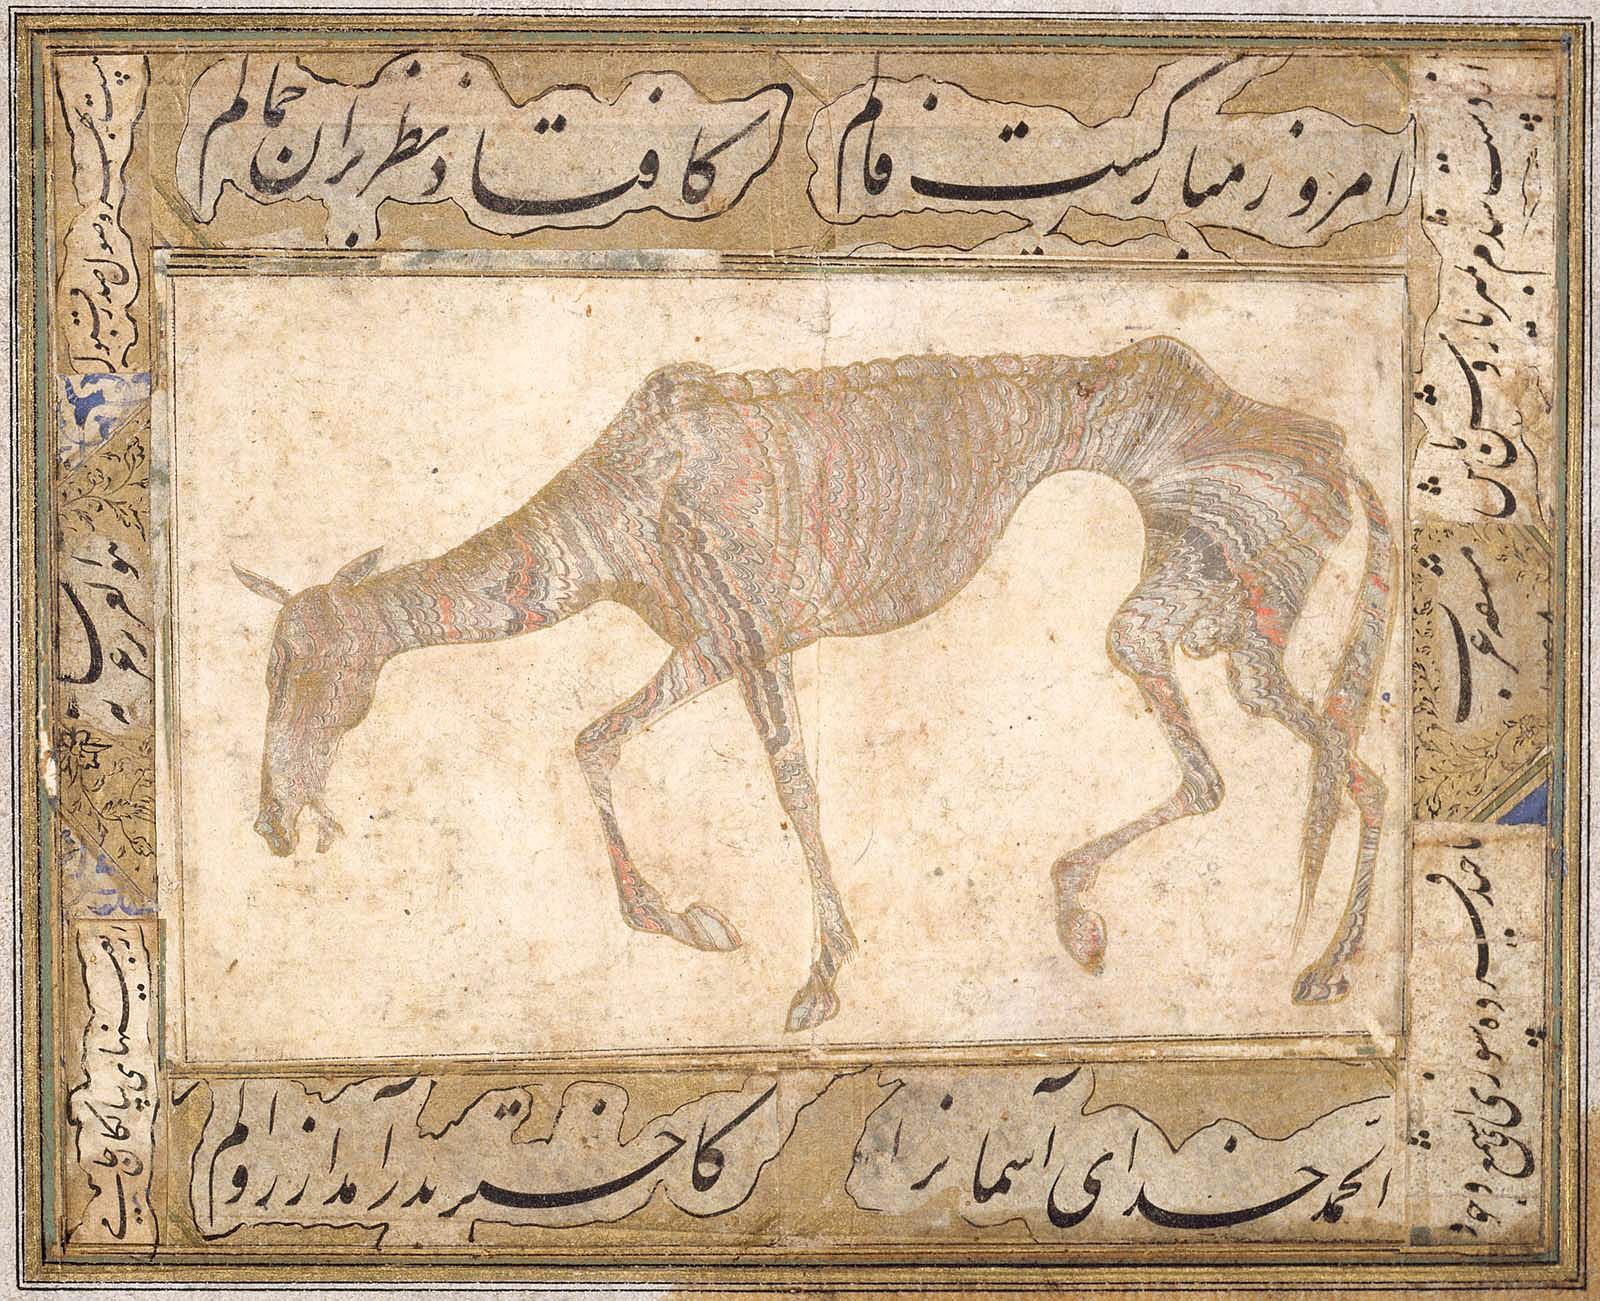 Papier marbré abri figurant un cheval émacié. Inde, Deccan. Milieu du XVIIe siècle, dynastie Adil Shahi ou Qutb Shahi © Museum of Fine Arts Boston